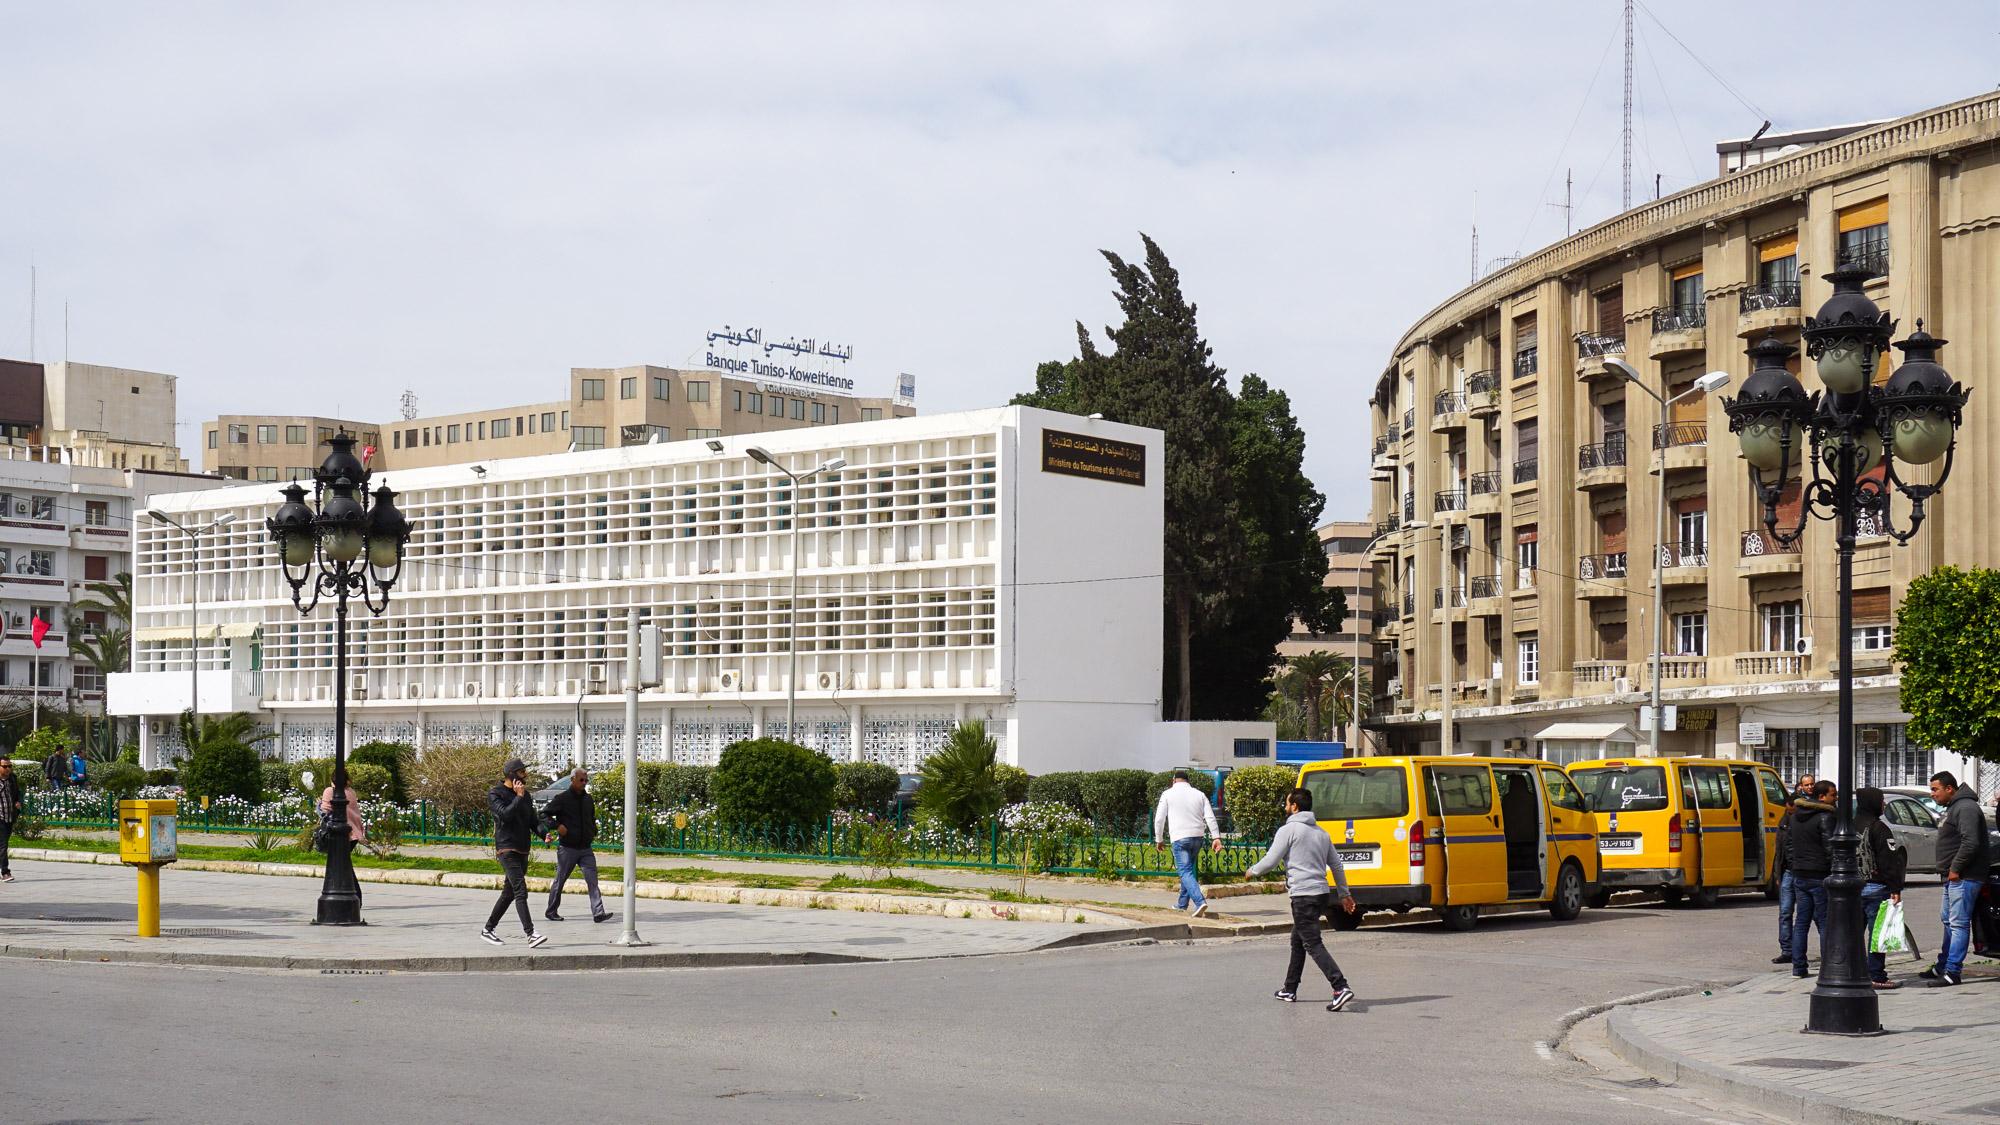 Zweistöckiges streng gegliedertes weißes Gebäude